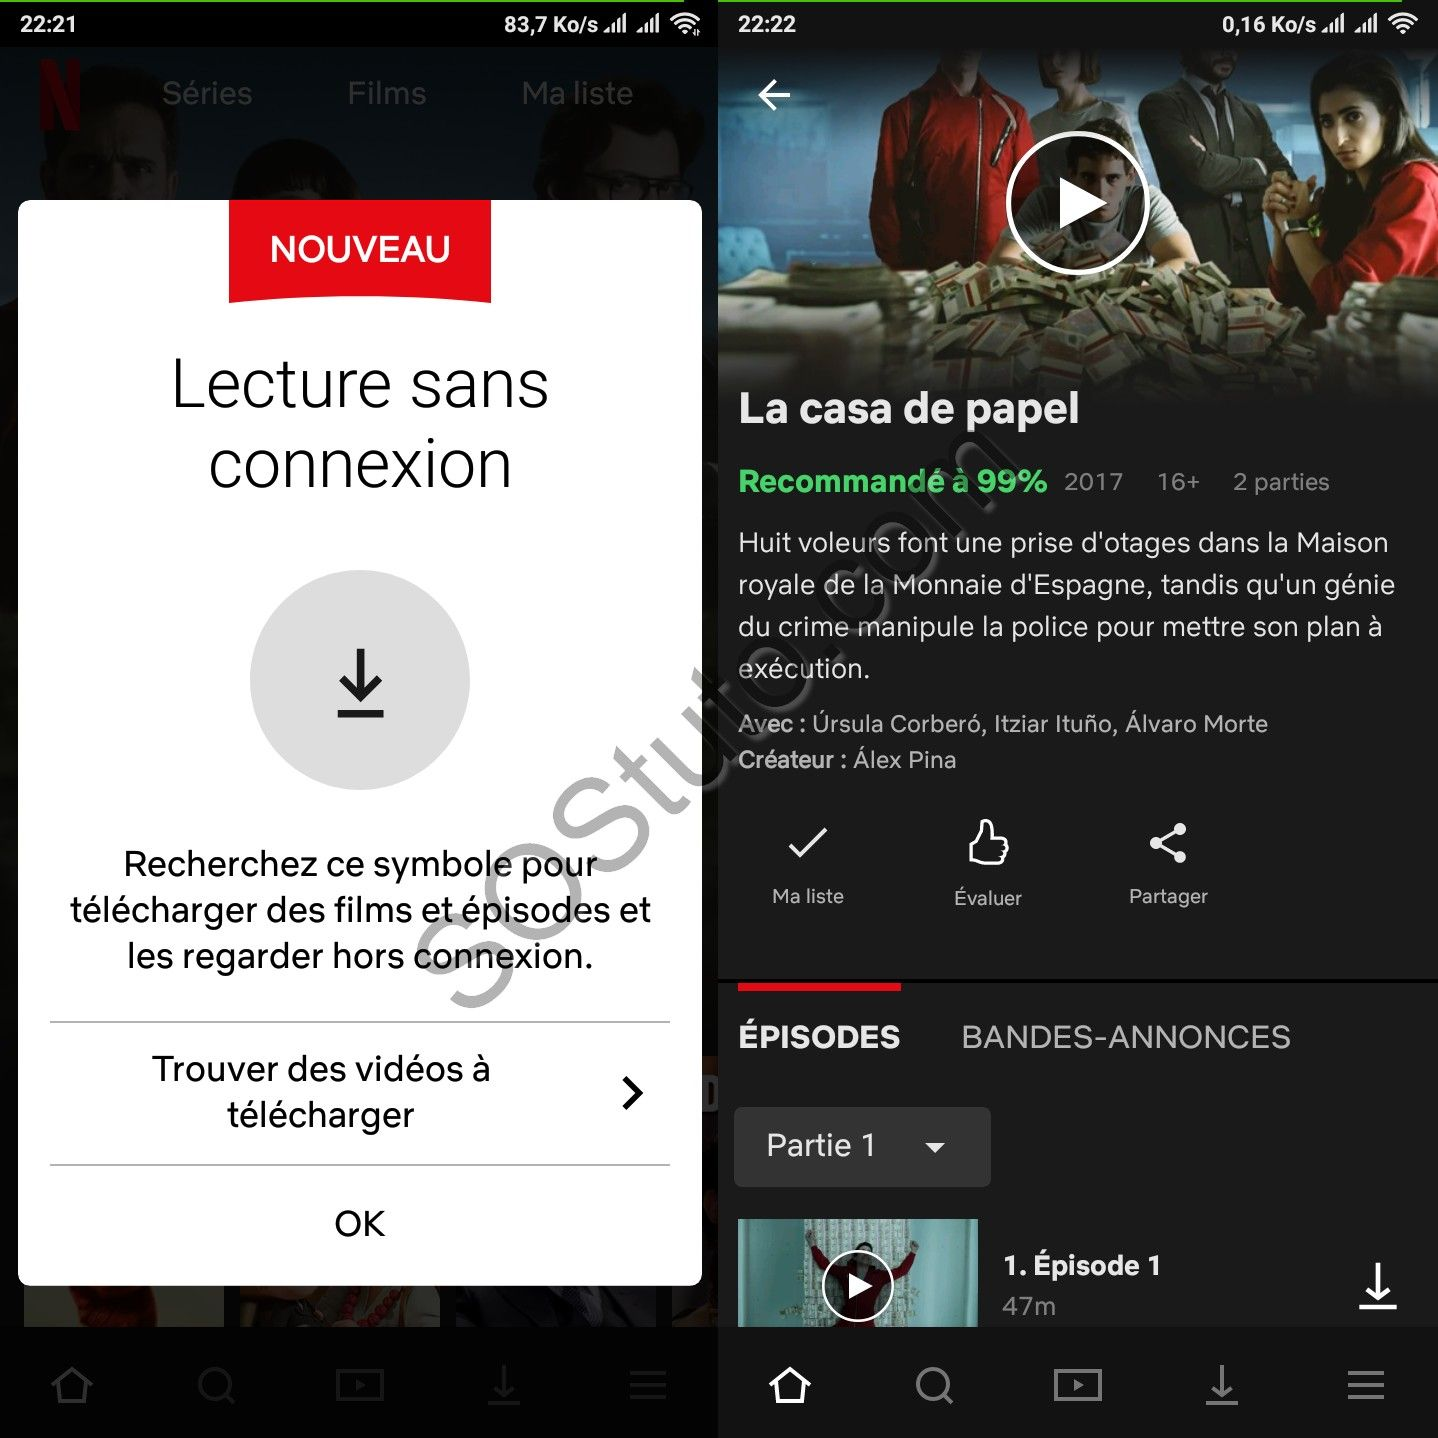 telecharger netflix sur Android FlixGrab - Comment télécharger les vidéos NetFlix sur PC (Films&Séries)